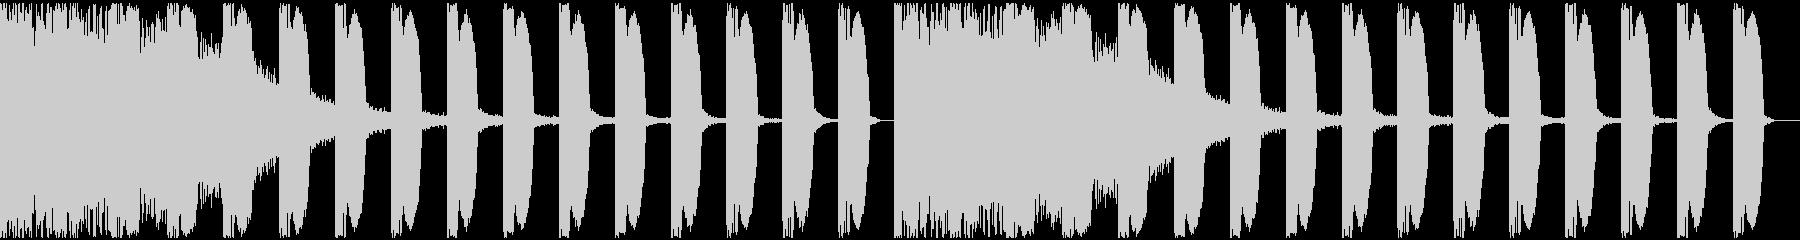 【EDM】ロング9、ジングル1の未再生の波形